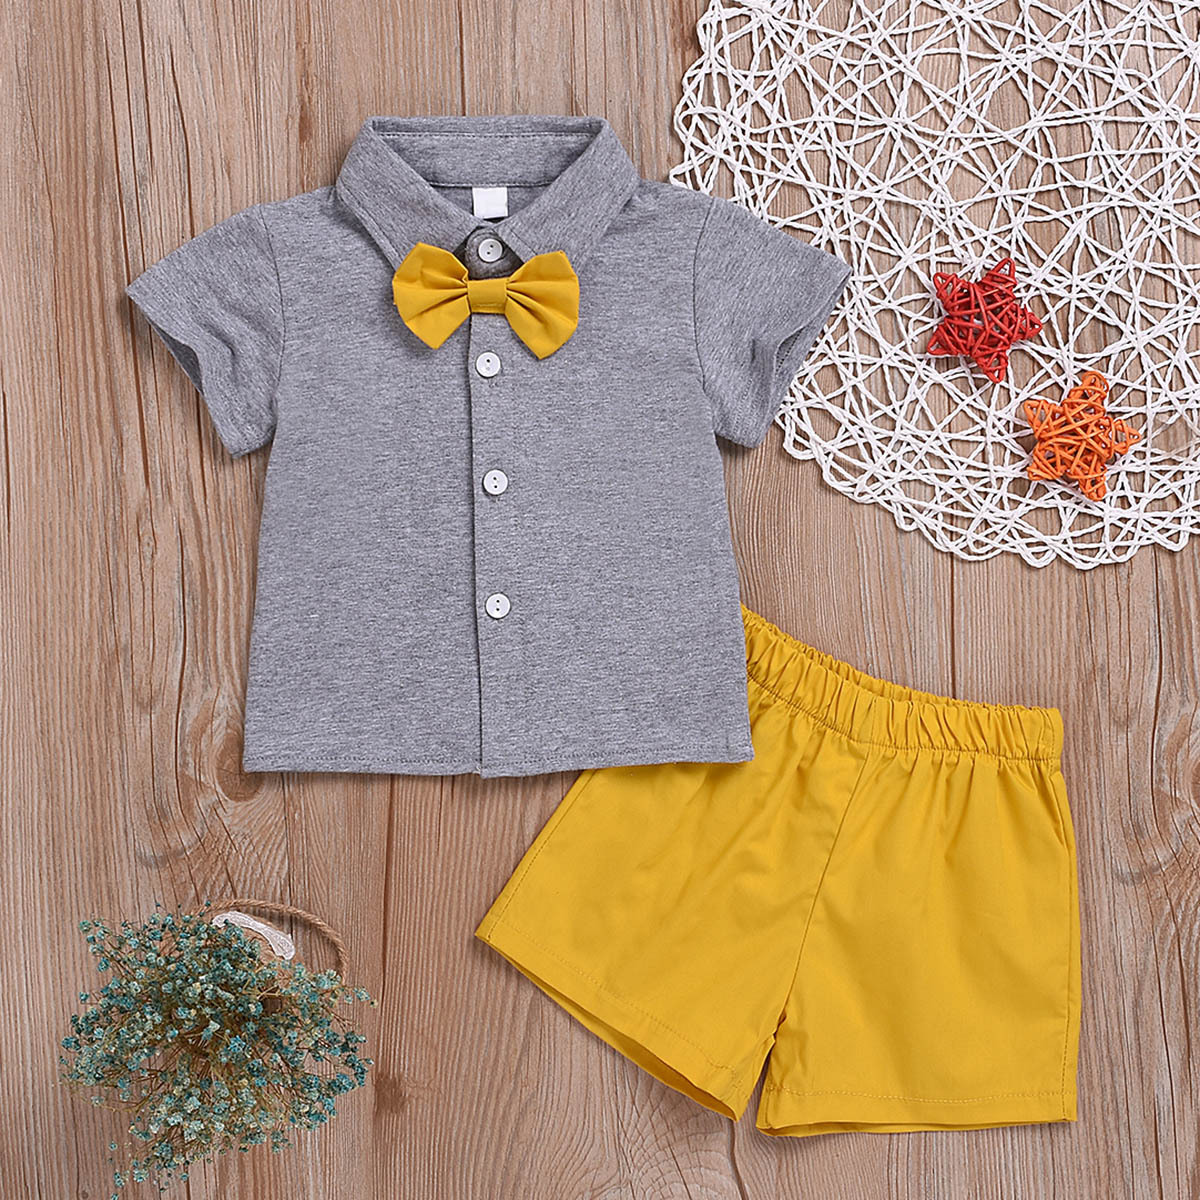 Рубашка с пуговицами и шорты для маленьких мальчиков от SHEIN